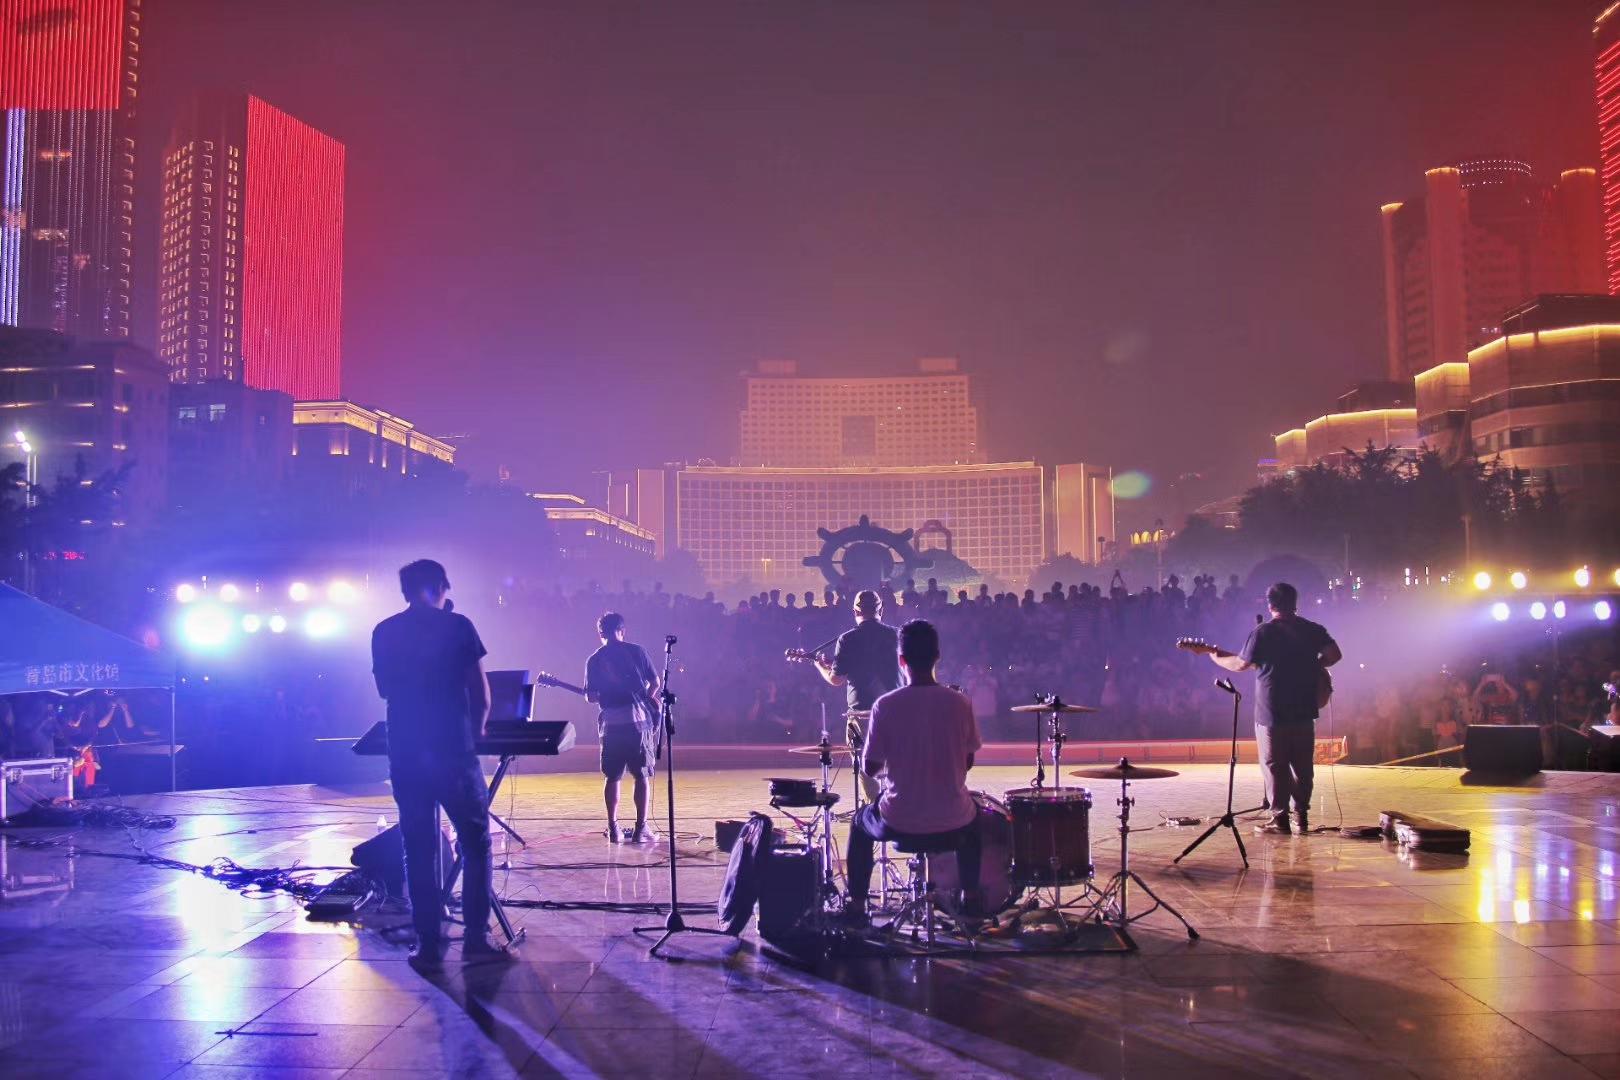 2019青岛音乐燃情一夏!五四广场夜色美,听听青春的歌